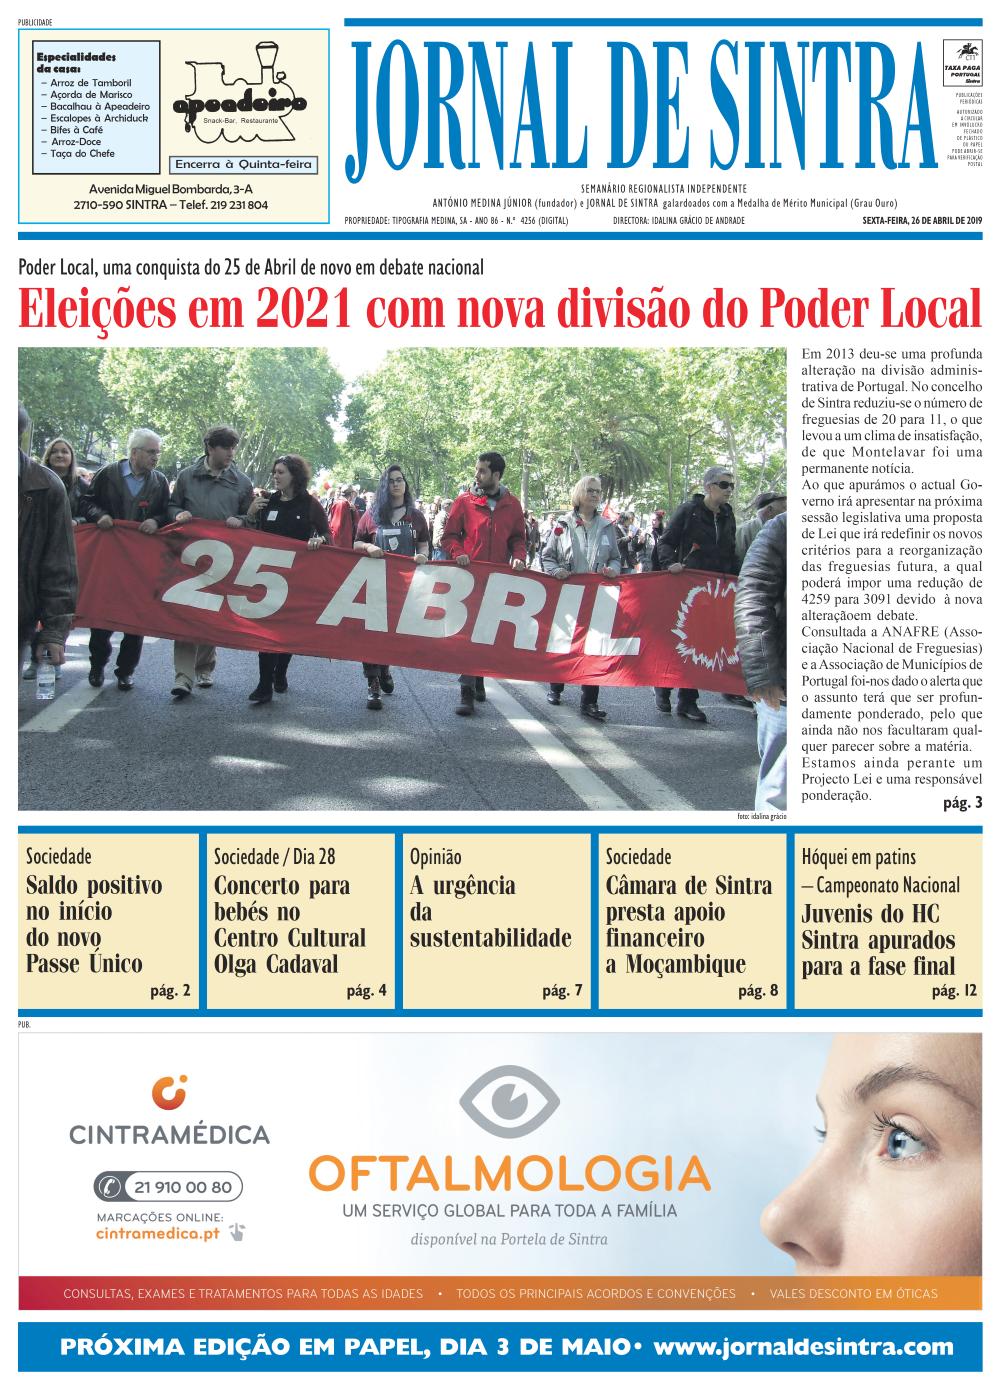 Capa da edição de 26/04/2019